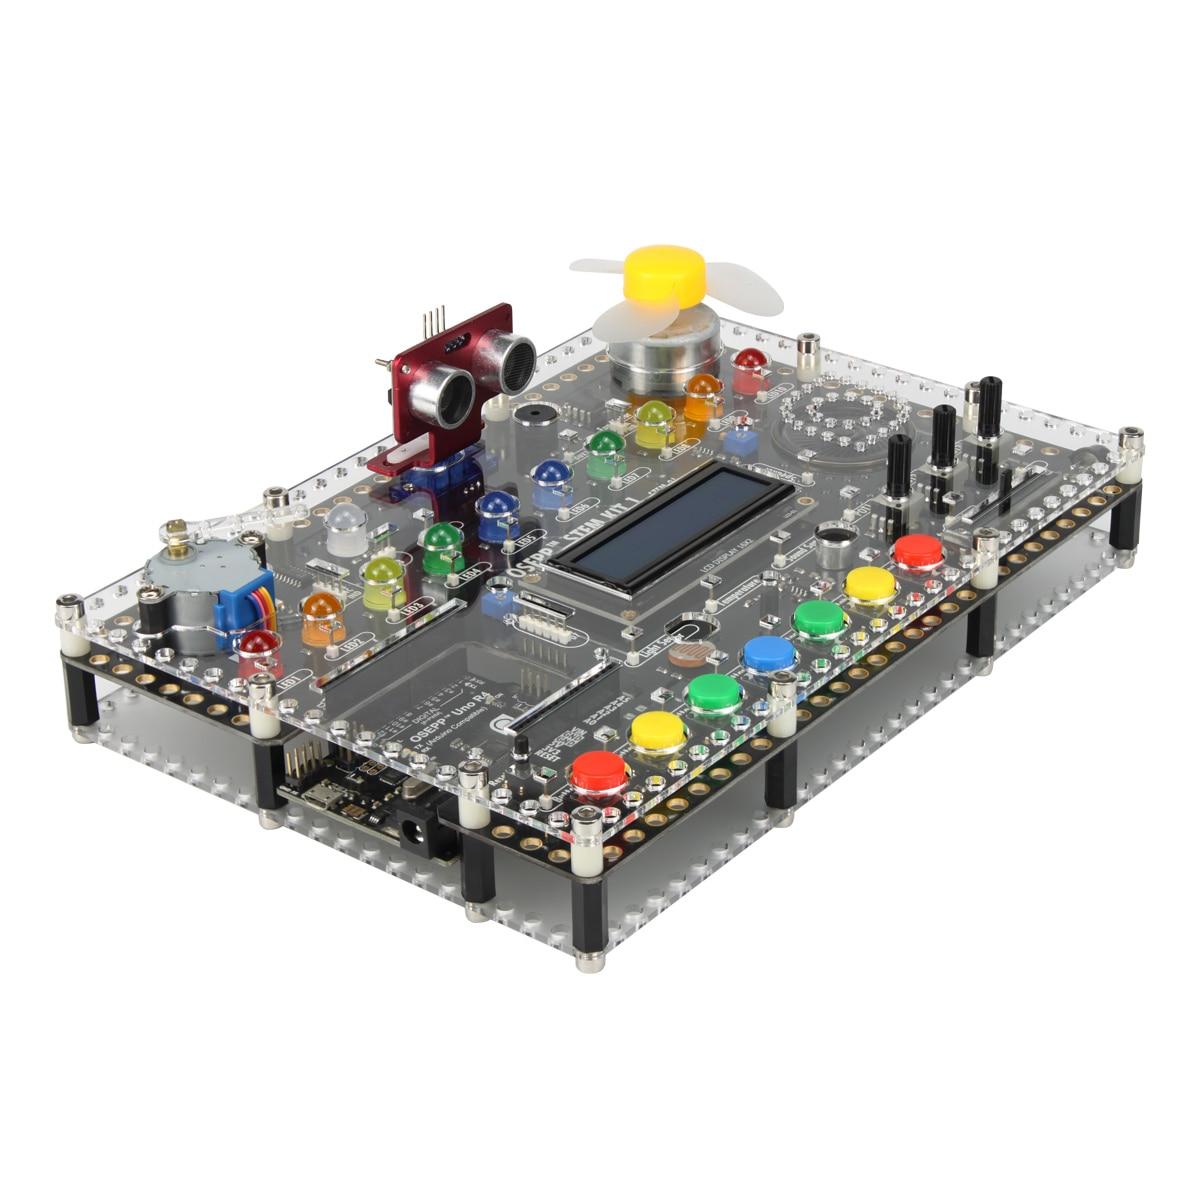 Osepp Stem Hub Alles In Een Geïntegreerde Ontwikkelomgeving-Arduino Start Kit Voor Programmering Elektronische Beginer 3